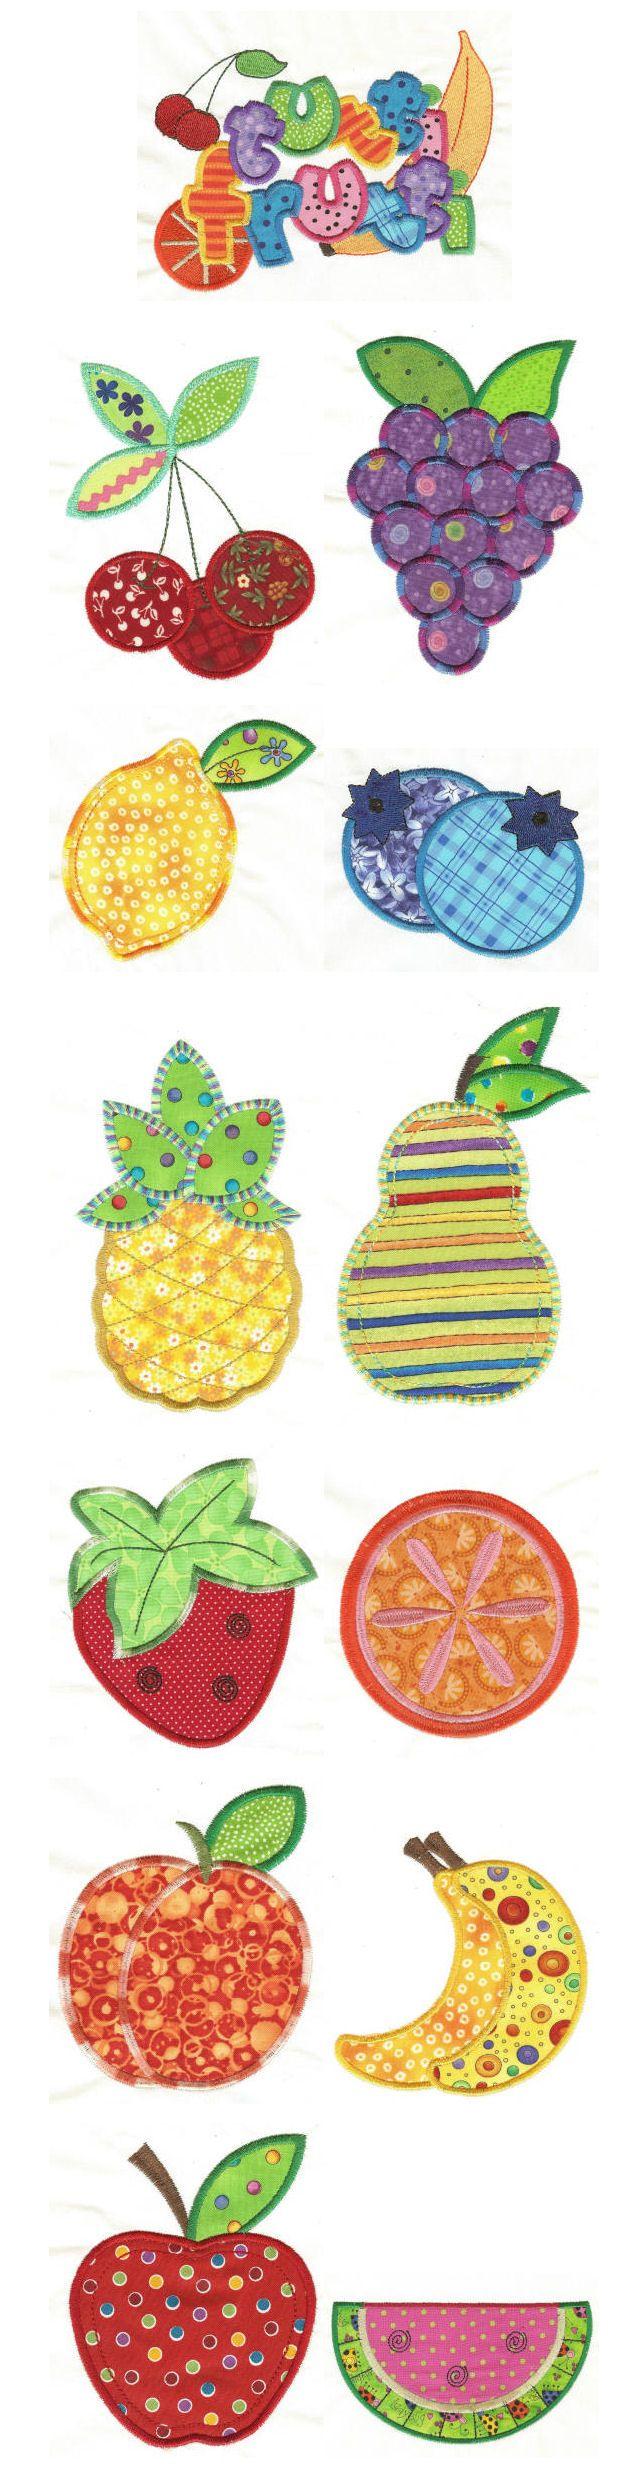 Embroidery | Free Machine Embroidery Designs | Tutti Frutti Applique